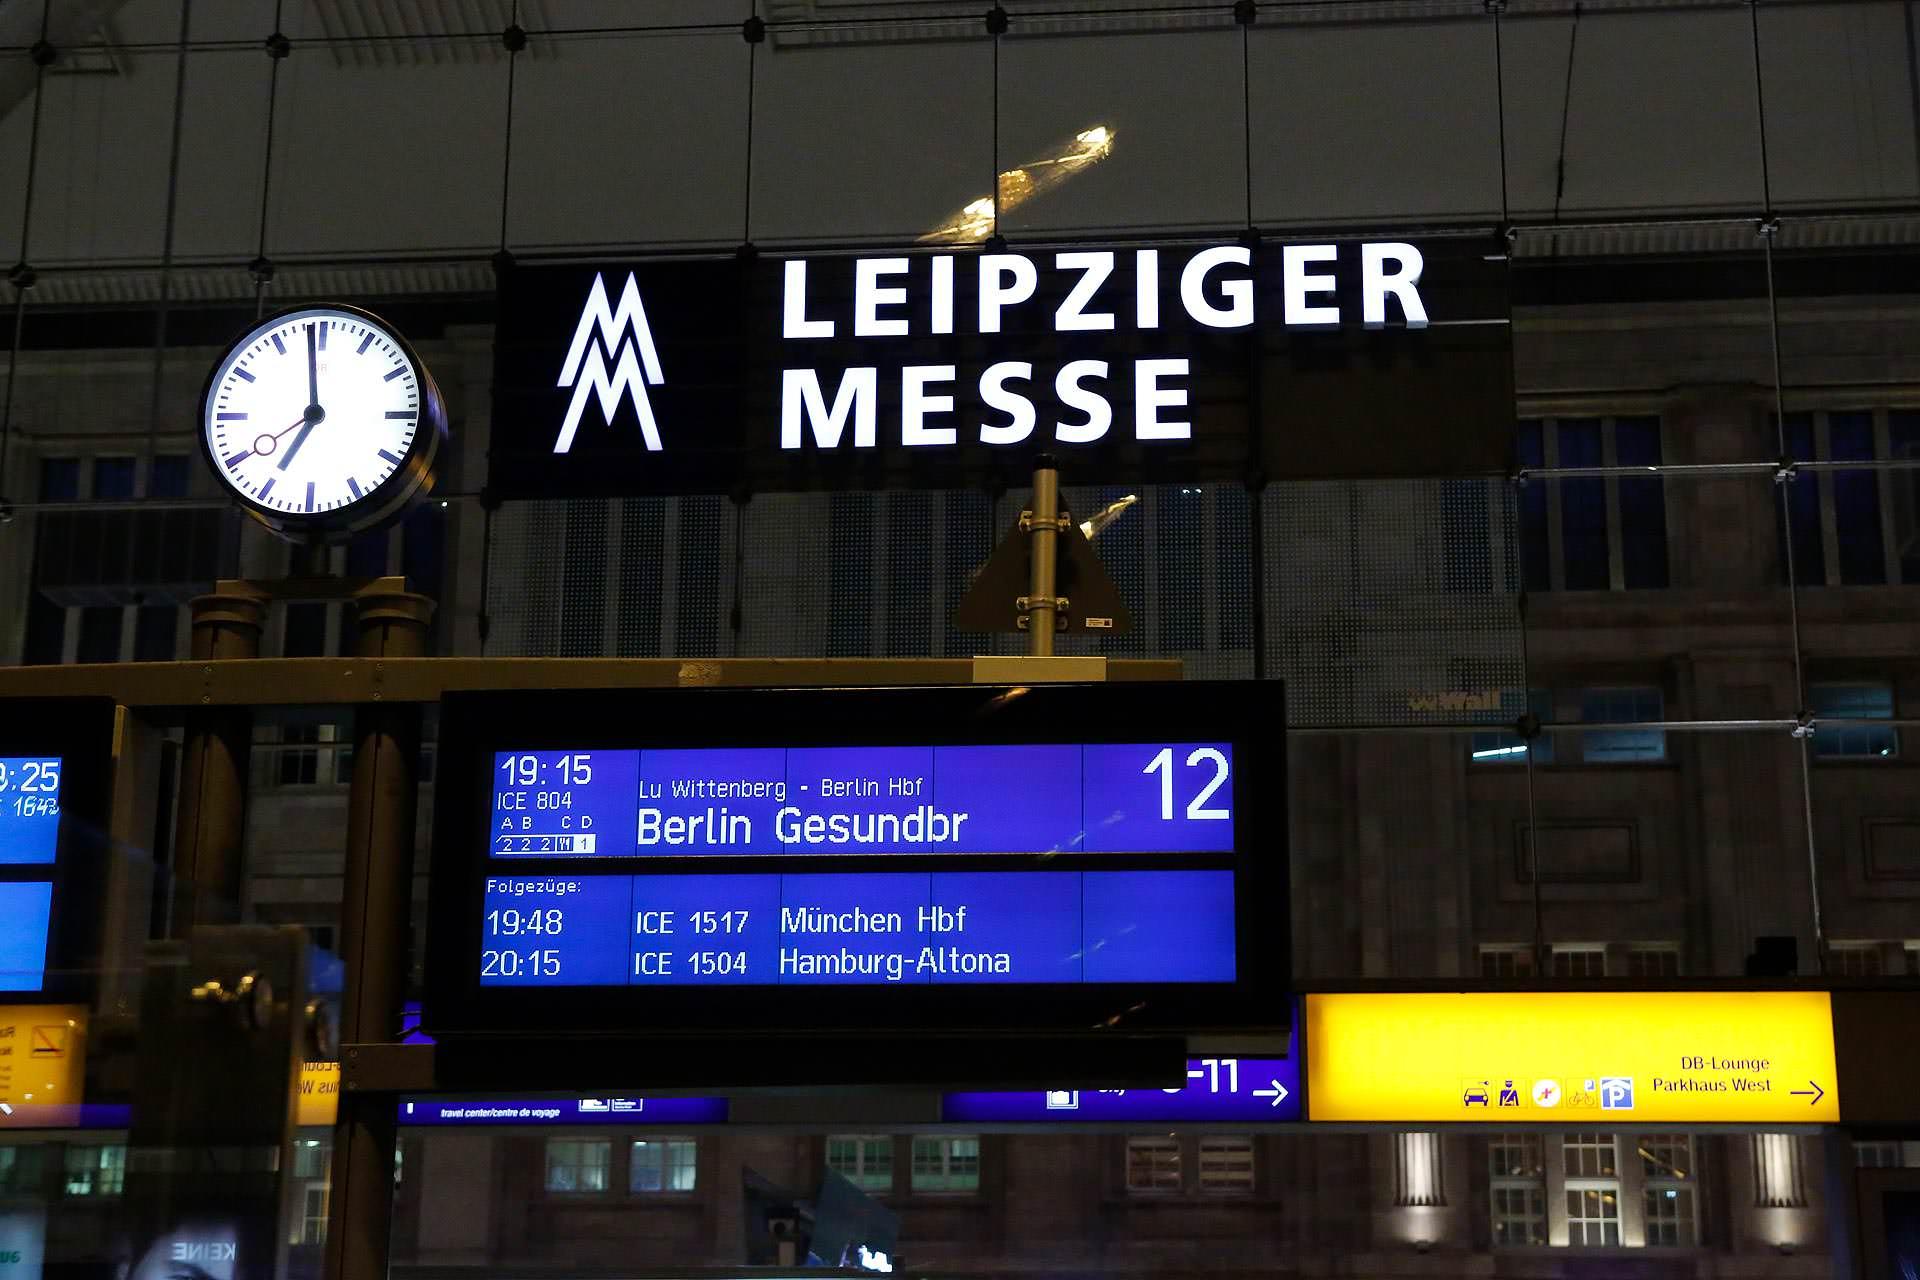 Generell sei die Bahn pünktlich, sagt Doreen Schneider.